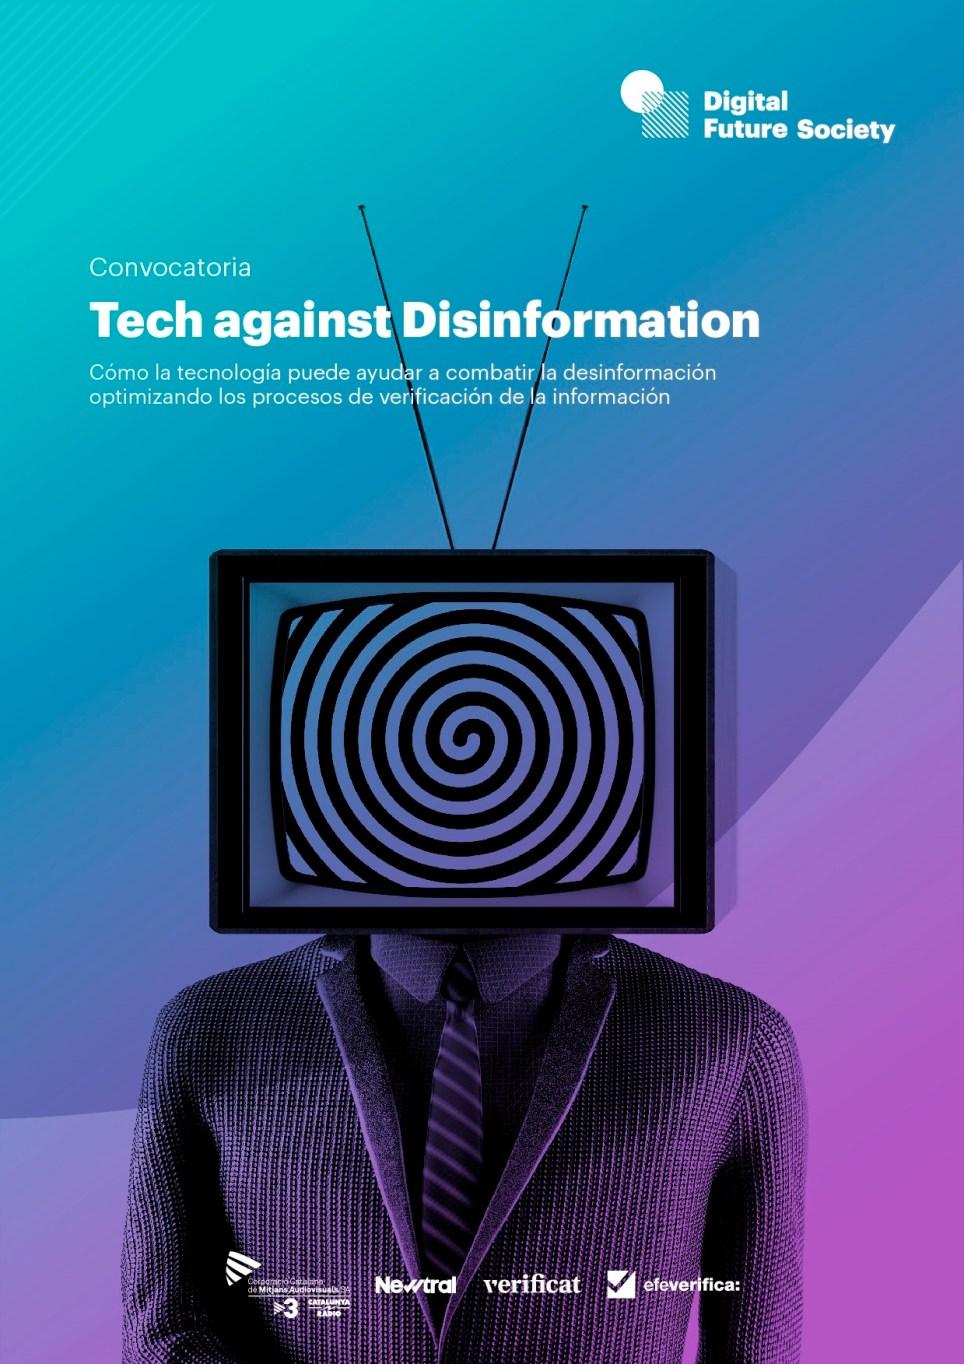 Convocatoria de Digital Future Society para buscar soluciones que permitan atajar la creciente desinformación a través de la tecnología.